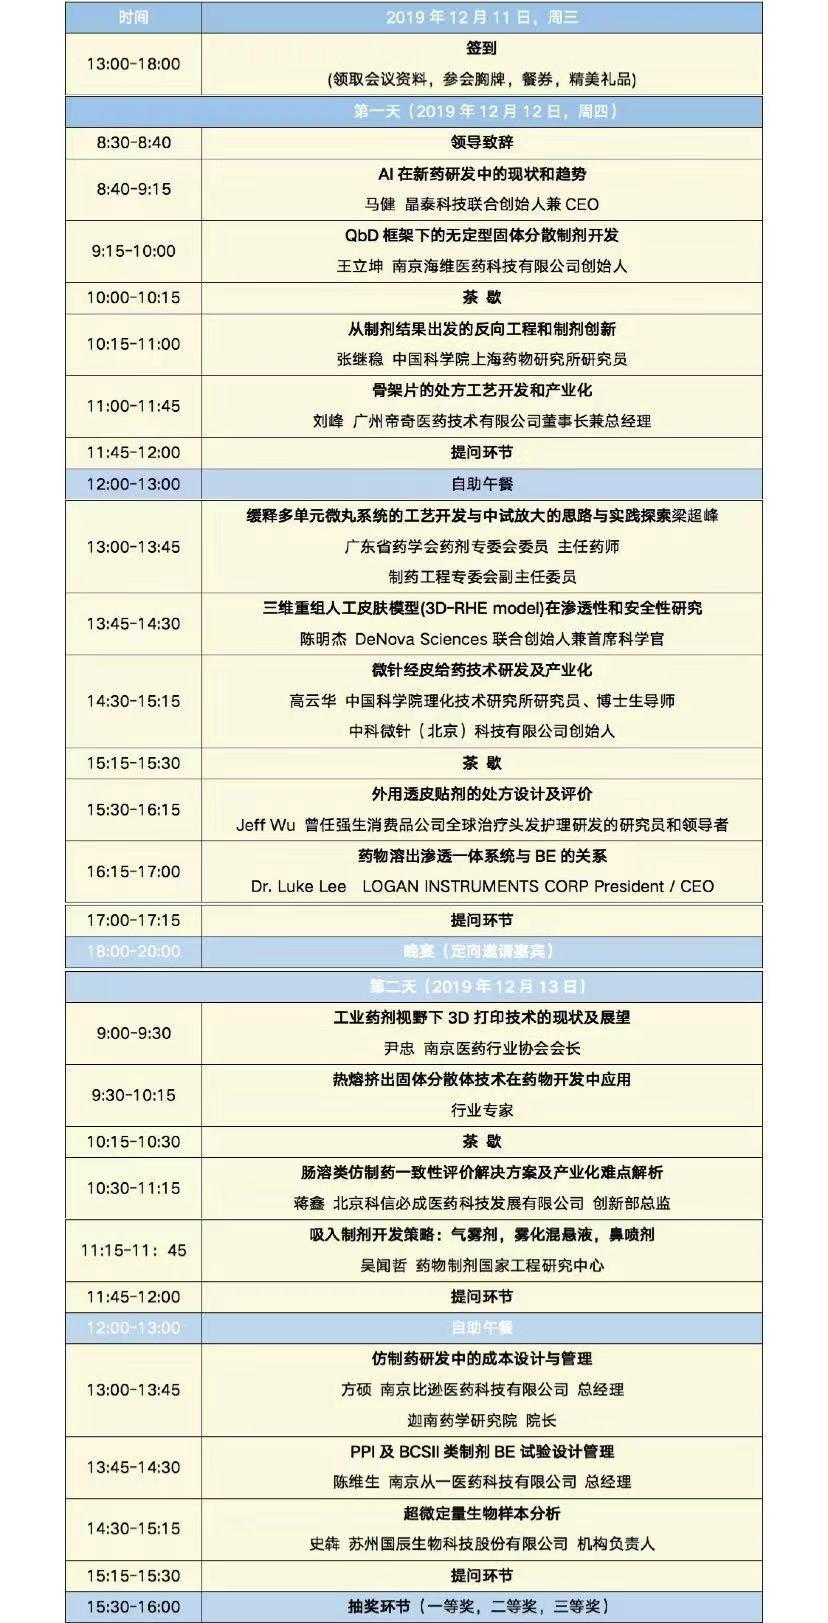 2019中国药物制剂研发前沿技术峰会 (上海)